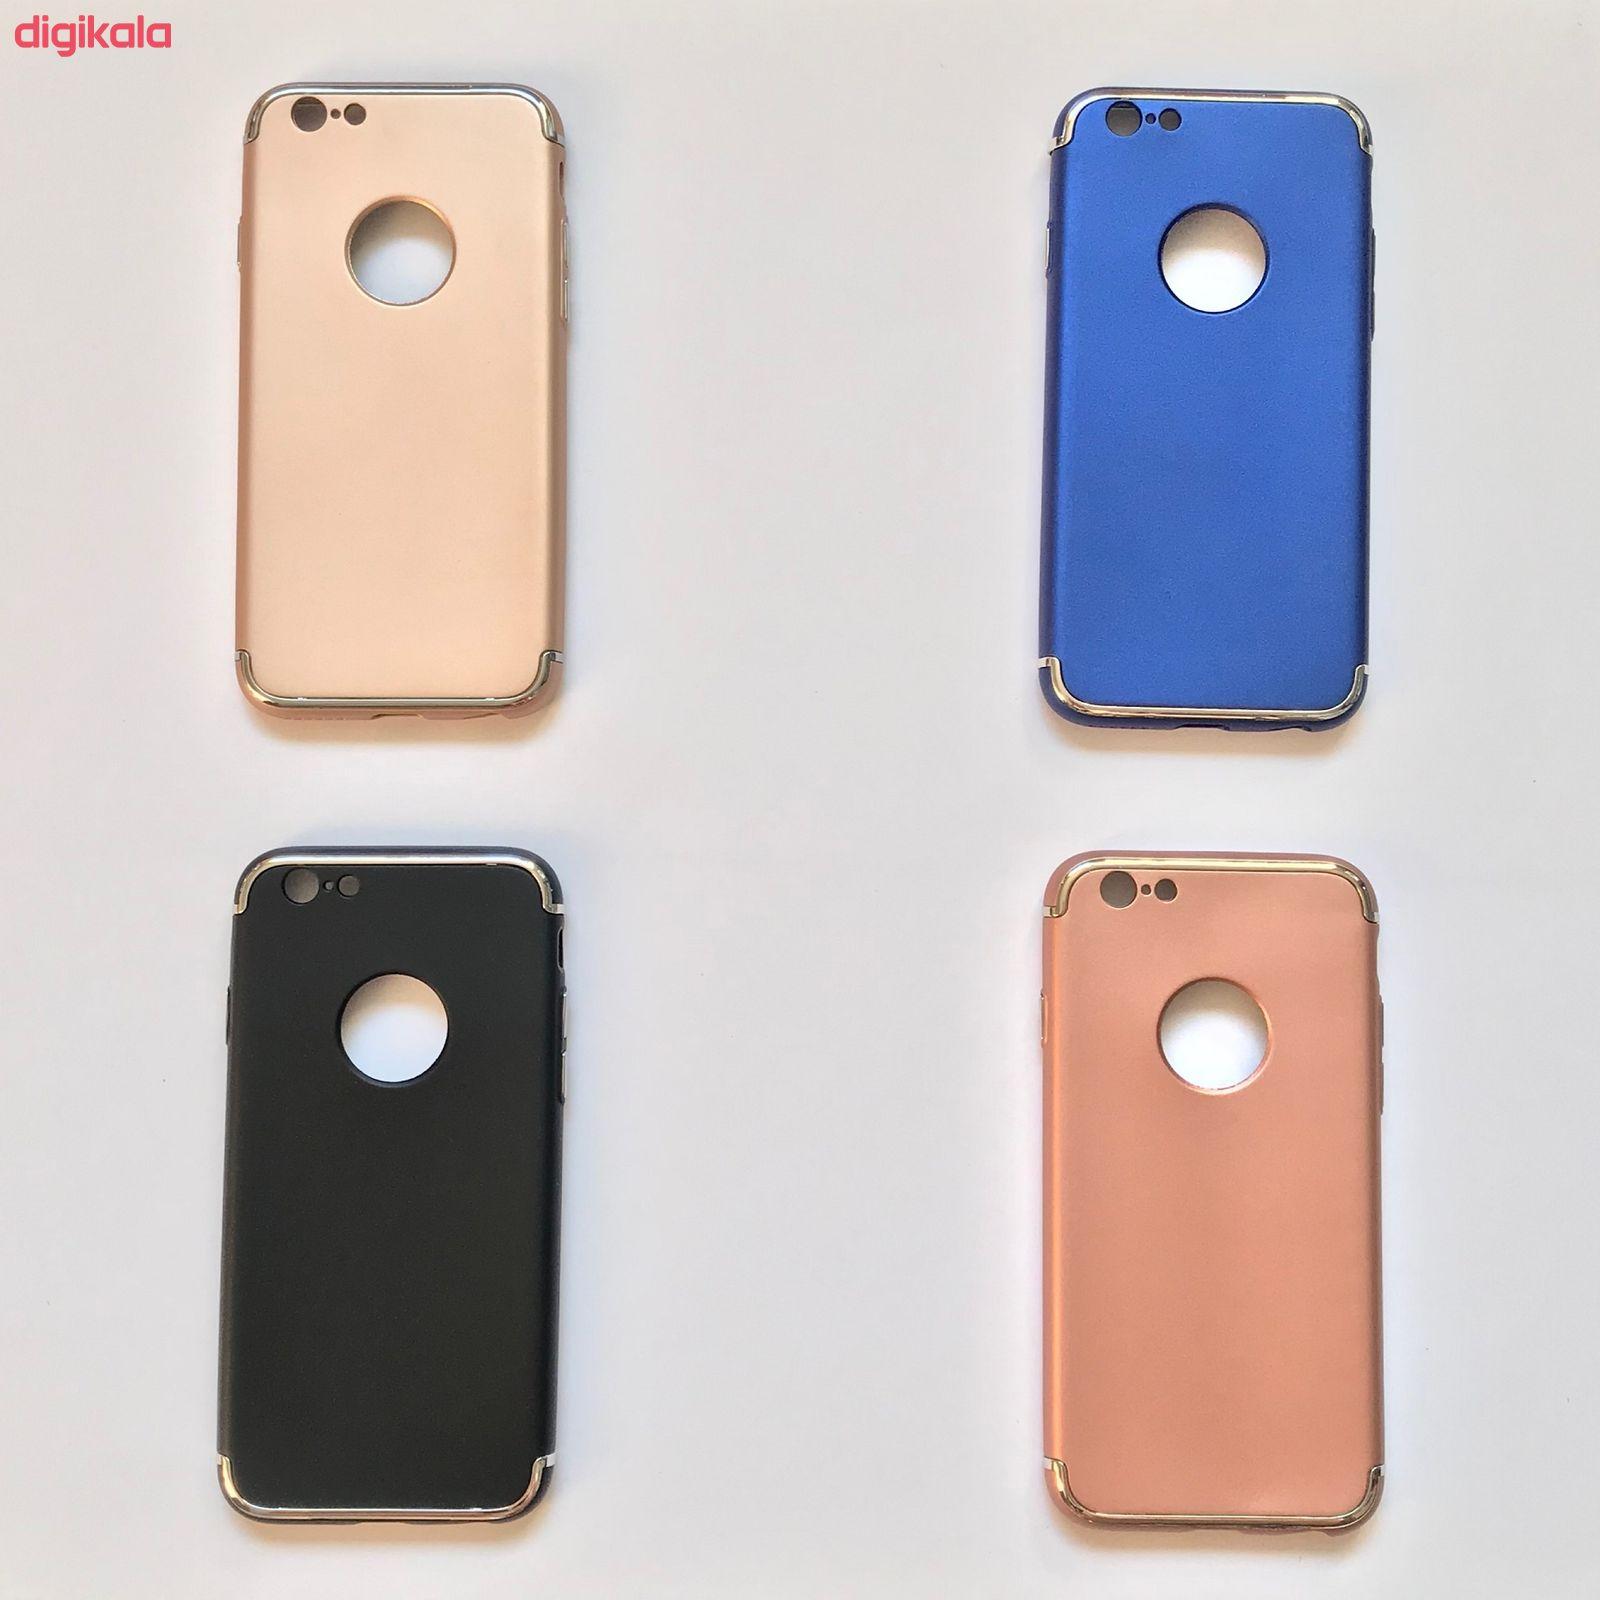 کاور کد CH7 مناسب برای گوشی موبایل اپل  Iphone 6 / 6s main 1 1